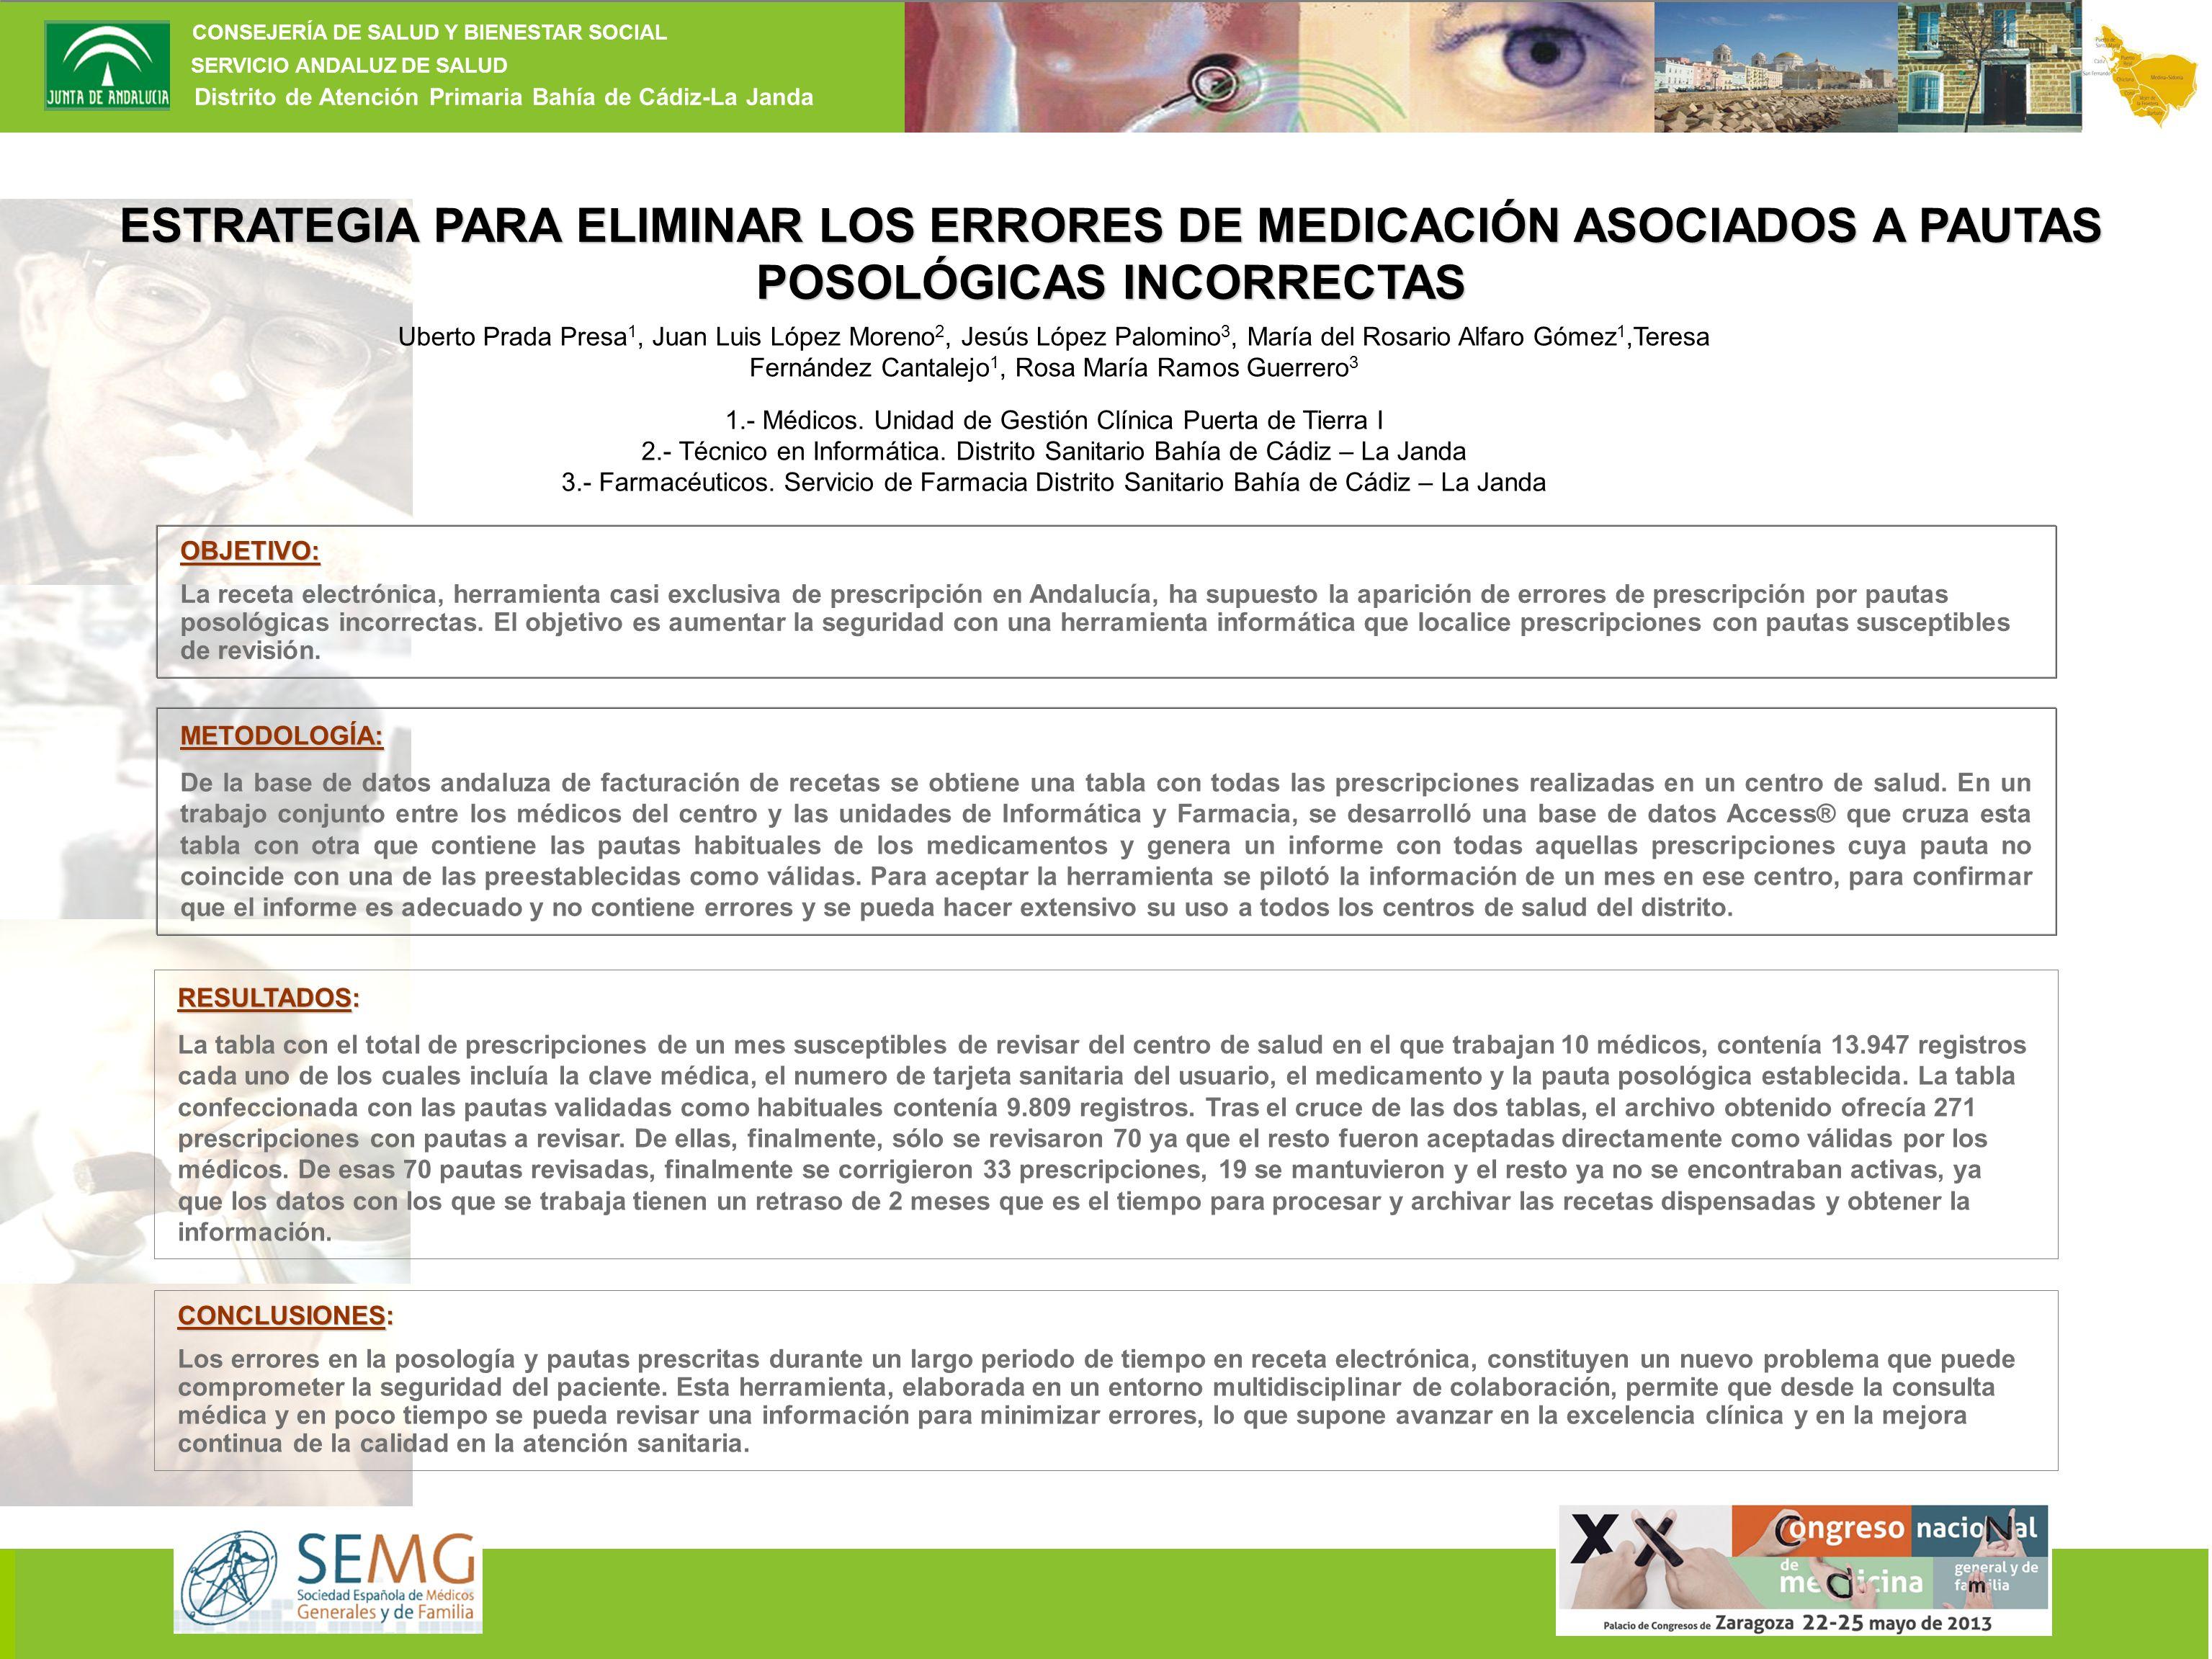 ESTRATEGIA PARA ELIMINAR LOS ERRORES DE MEDICACIÓN ASOCIADOS A PAUTAS POSOLÓGICAS INCORRECTAS Uberto Prada Presa 1, Juan Luis López Moreno 2, Jesús Ló